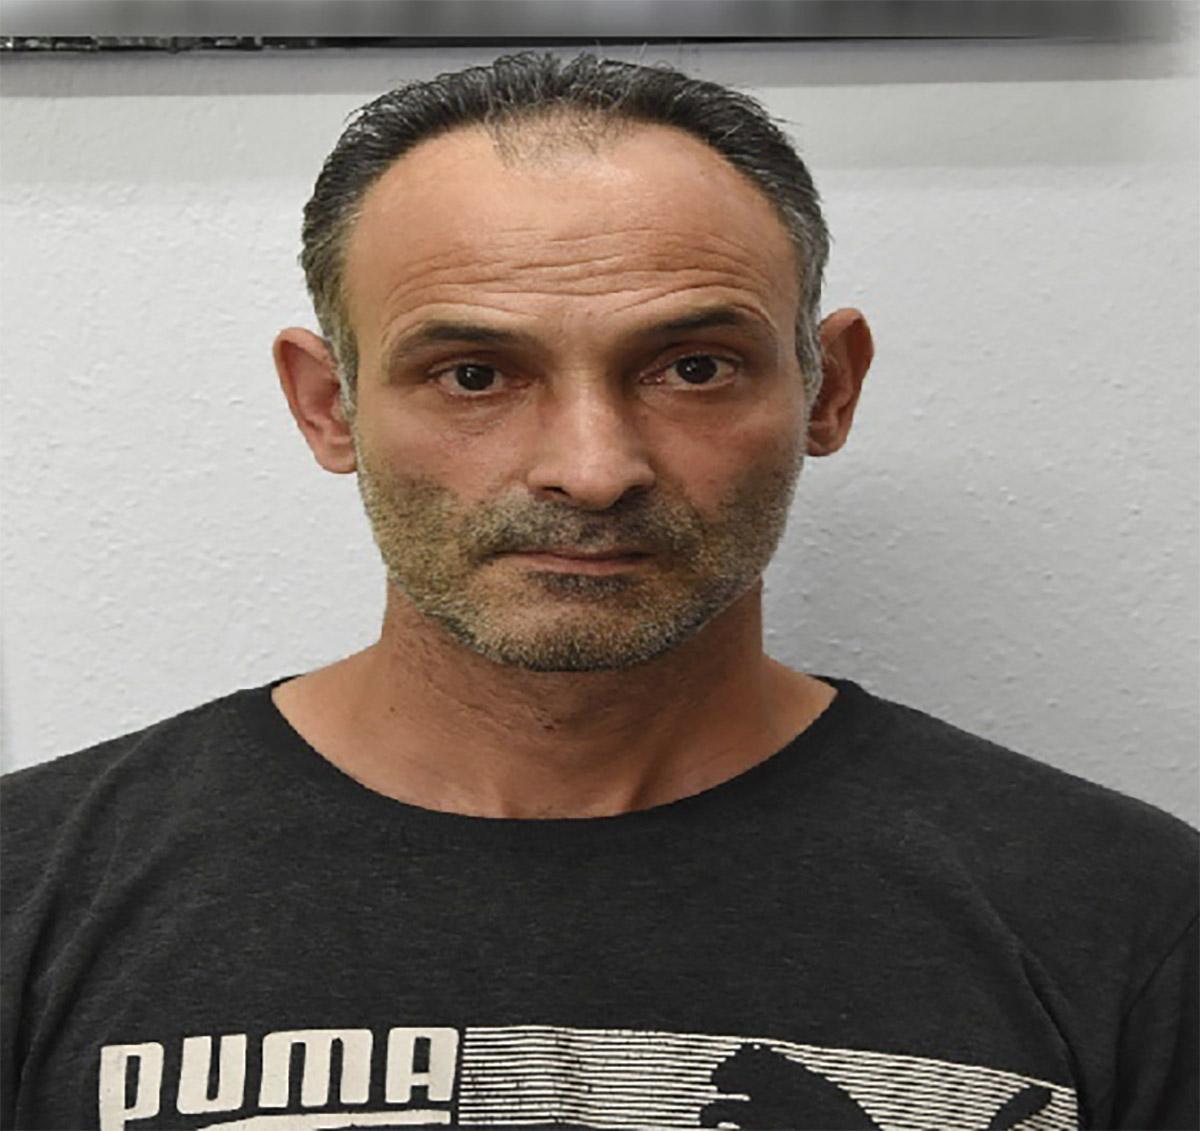 Δειτε τον 44χρονο που κατηγορείται ότι βίασε 15χρονη στη Λιβαδειά